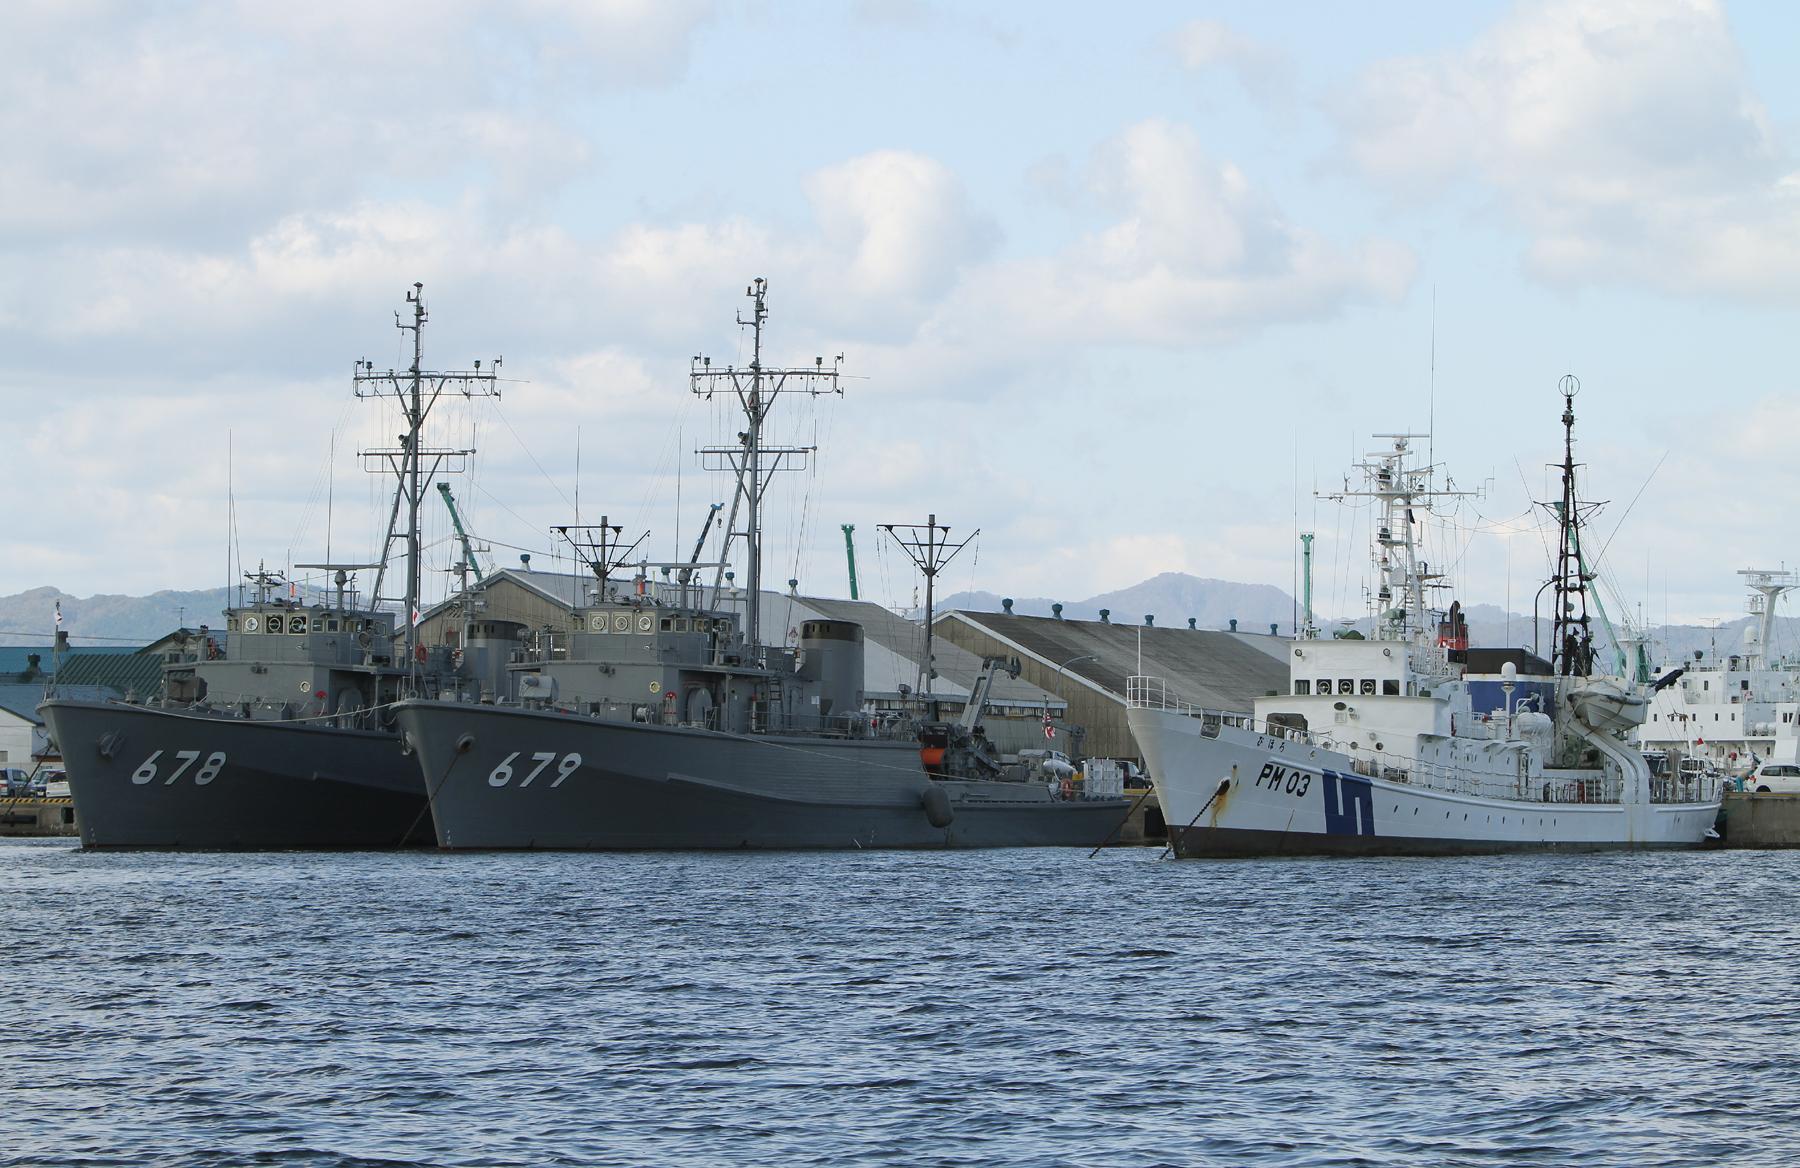 函館基地隊に並ぶ掃海艇と巡視艇